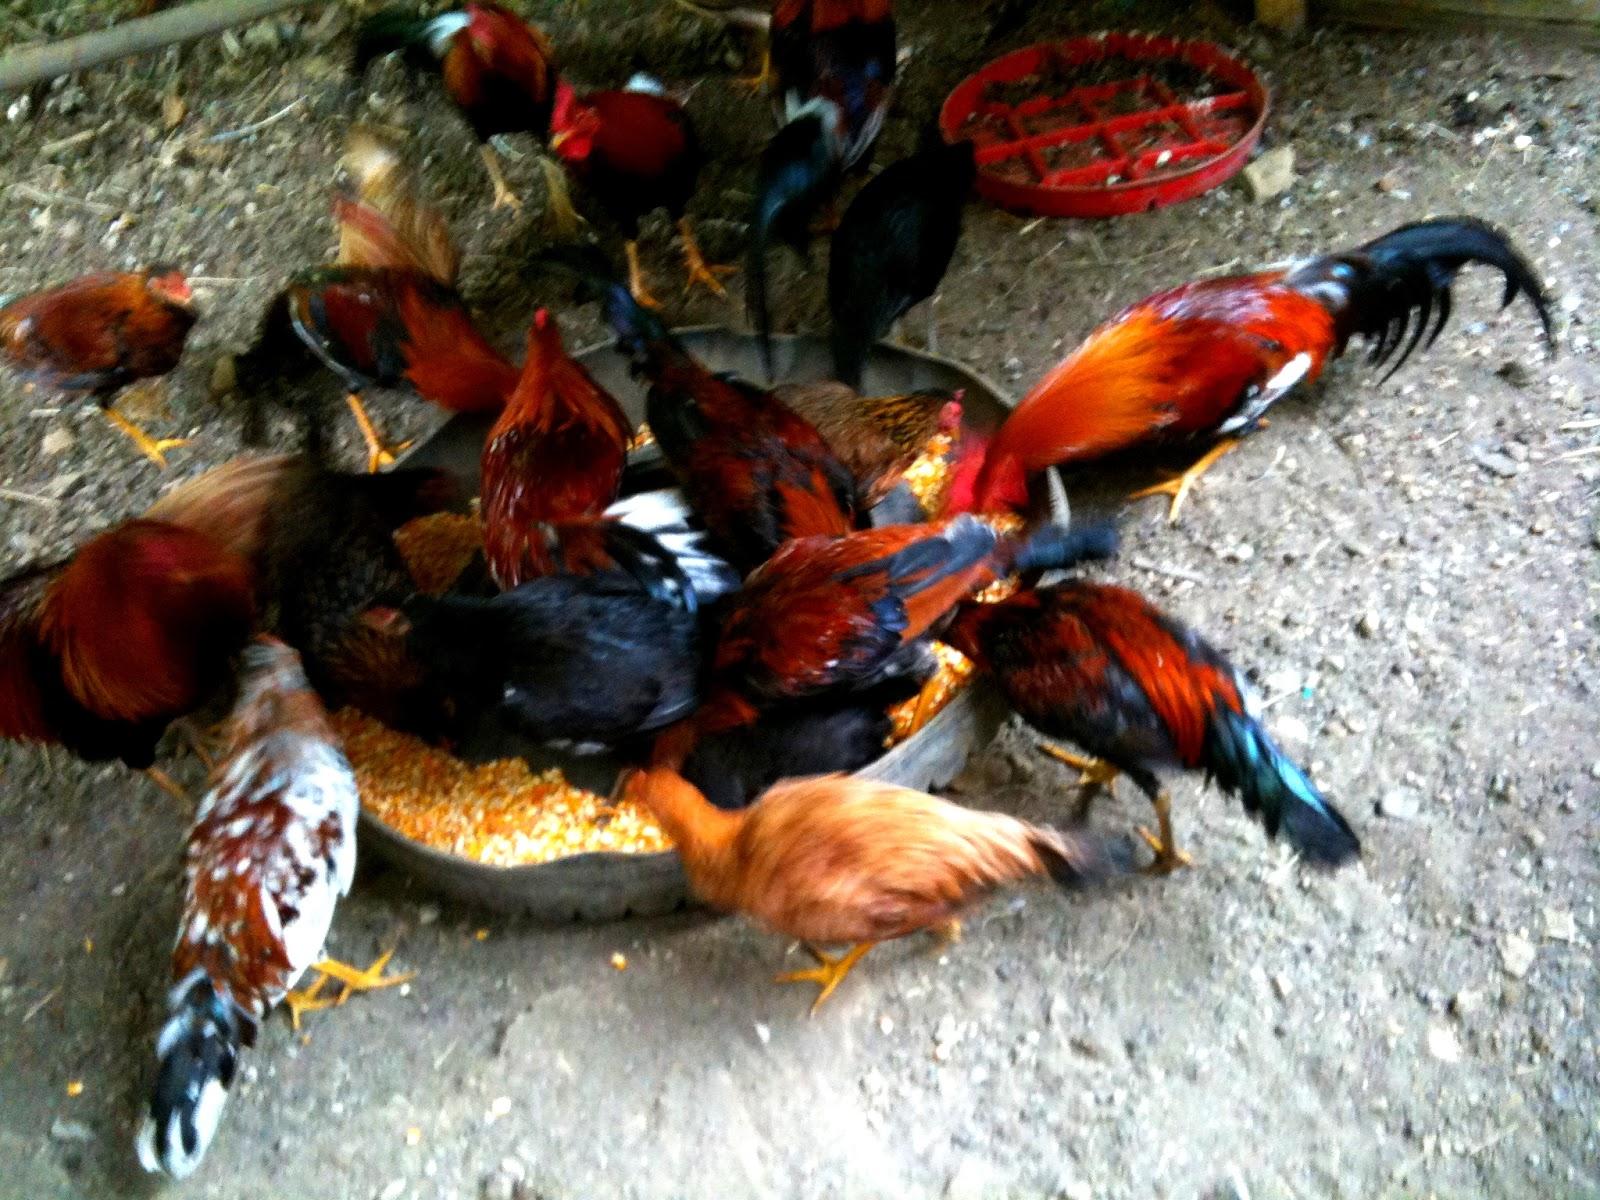 Resultado de imagen para vitaminas naturales para gallos de pelea